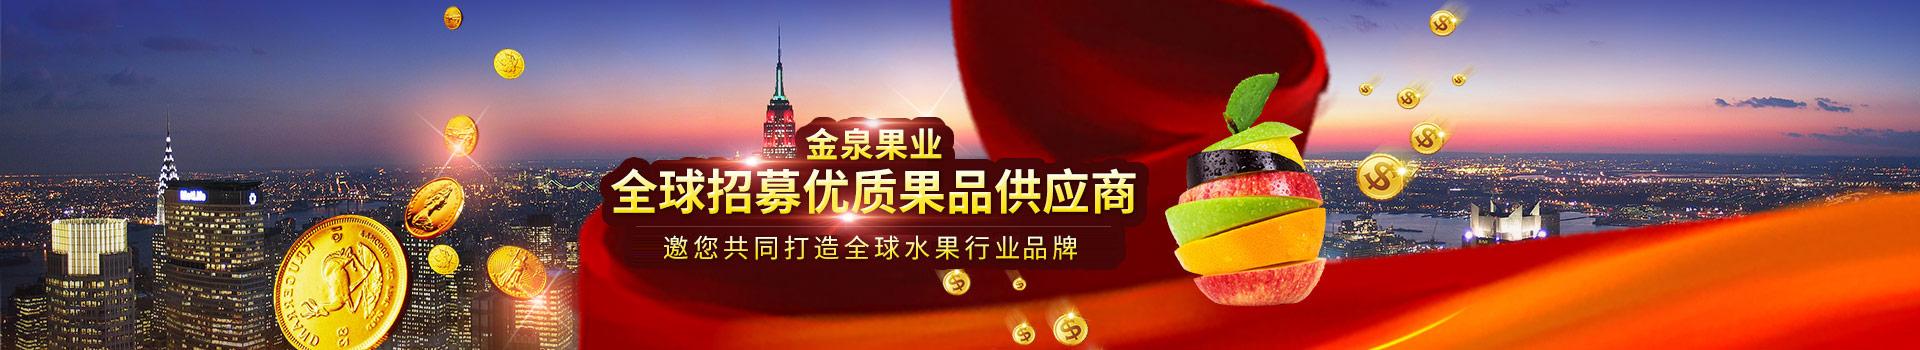 金泉果业全球招募优质果品供应商